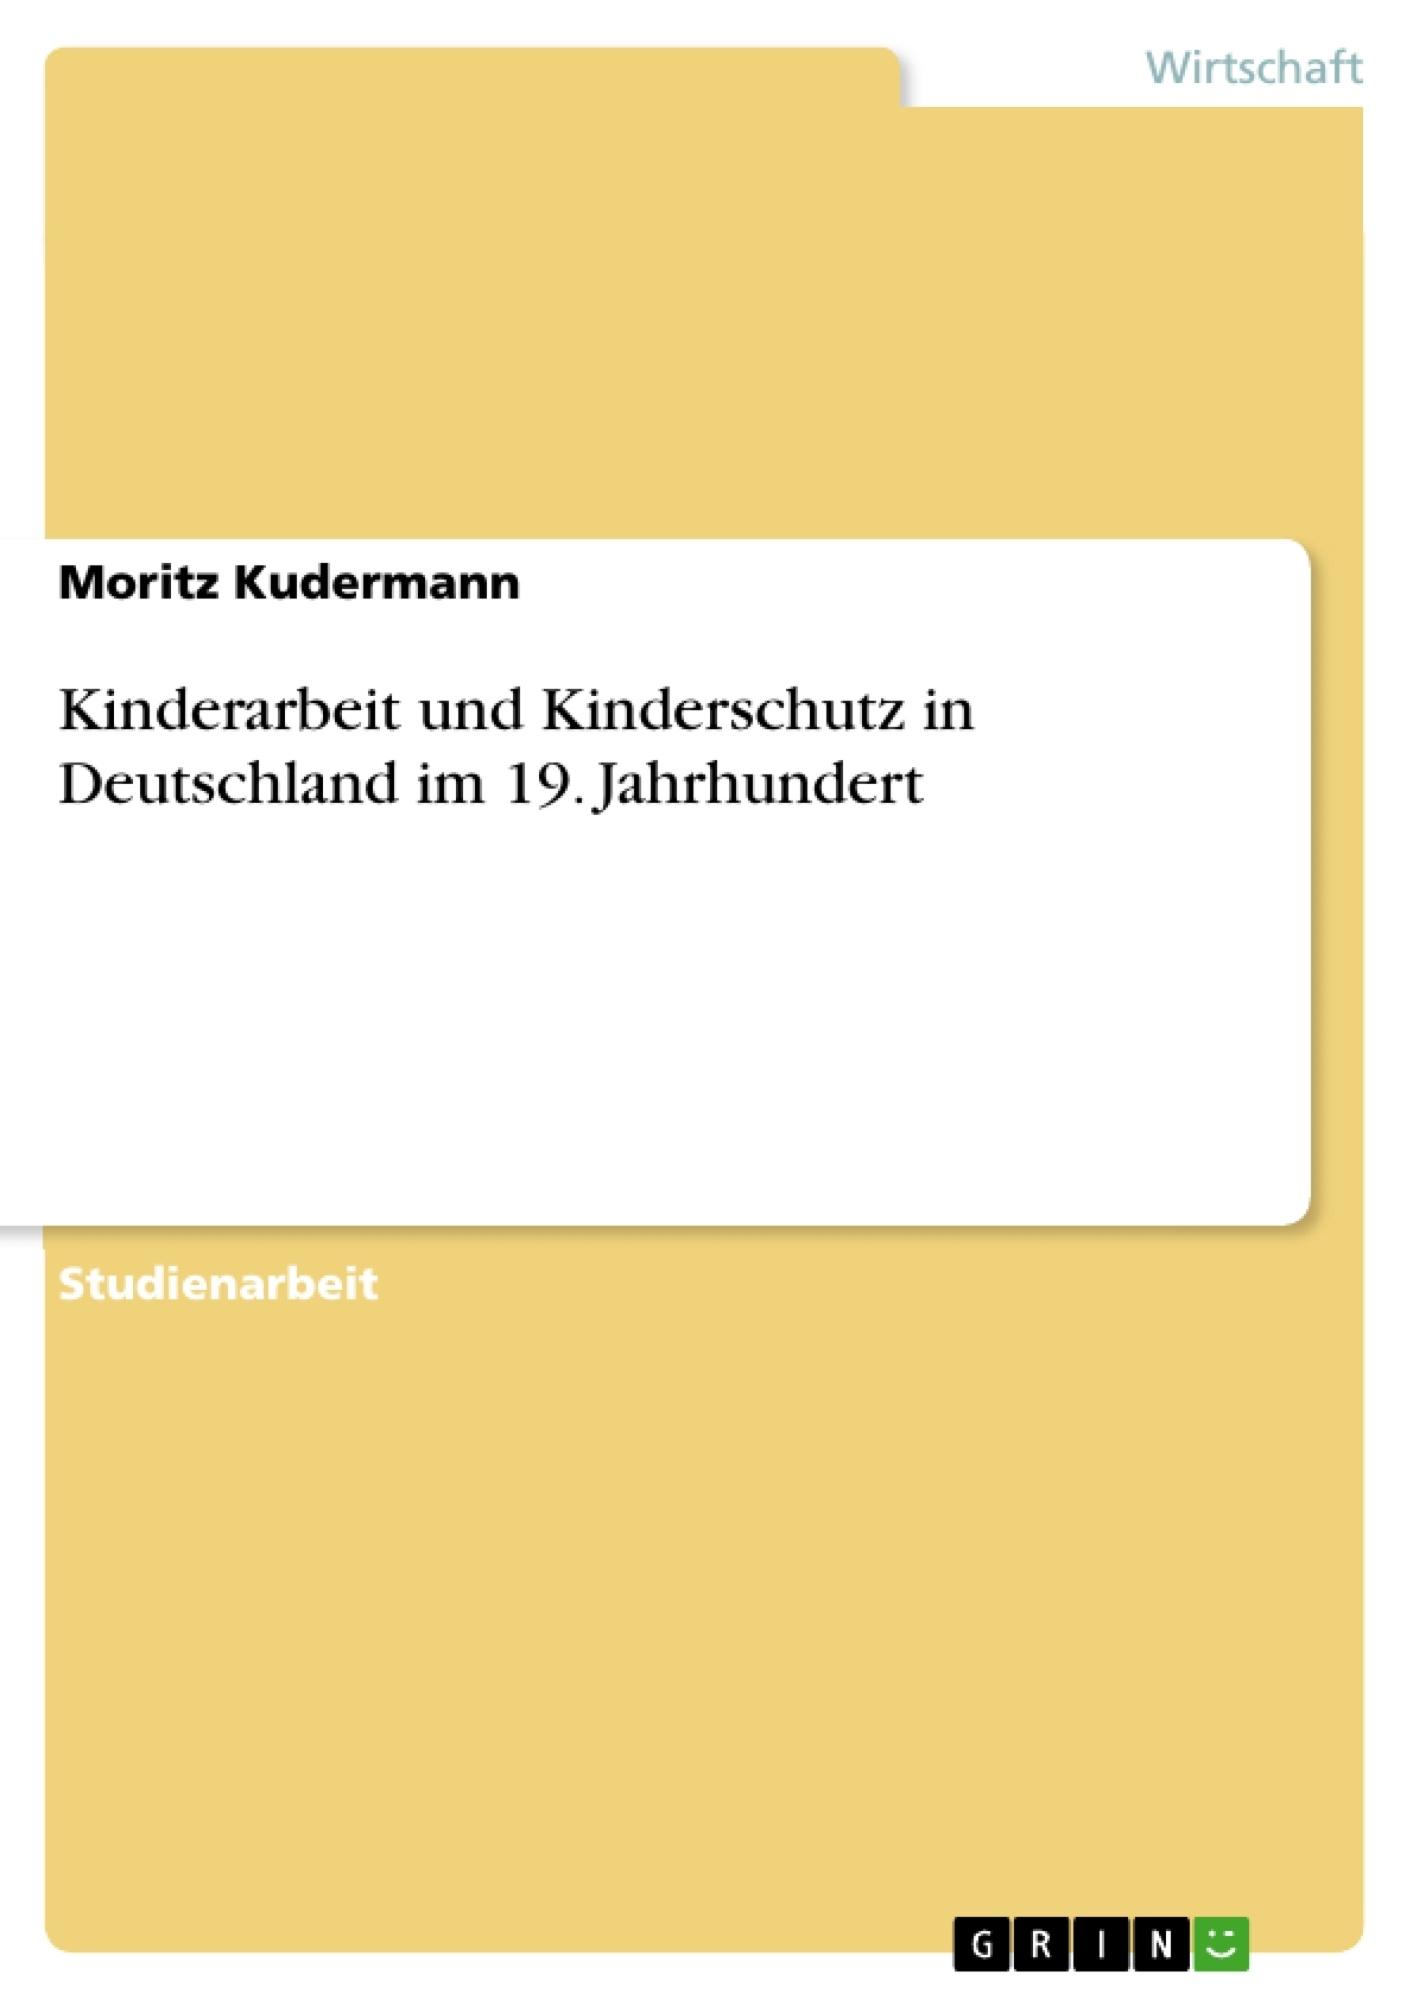 Titel: Kinderarbeit und Kinderschutz in Deutschland im 19. Jahrhundert